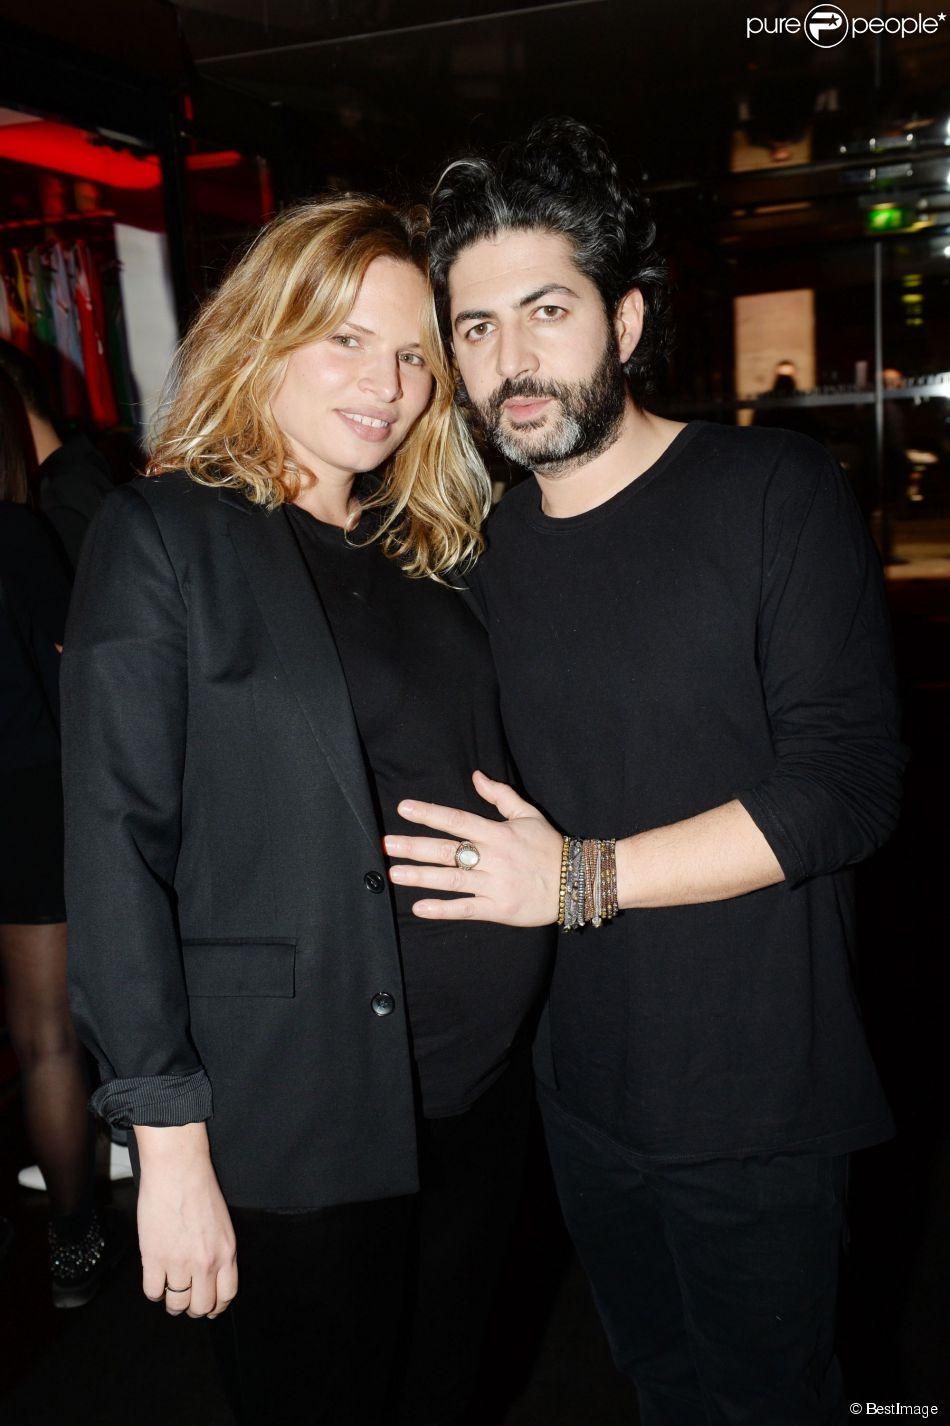 Exclusif - Prix Spécial - John Mamann et sa compagne Dorothée enceinte à l'anniversaire de Sébastien Jondeau au restaurant La Gioia à Paris, le 18 mars 2015.